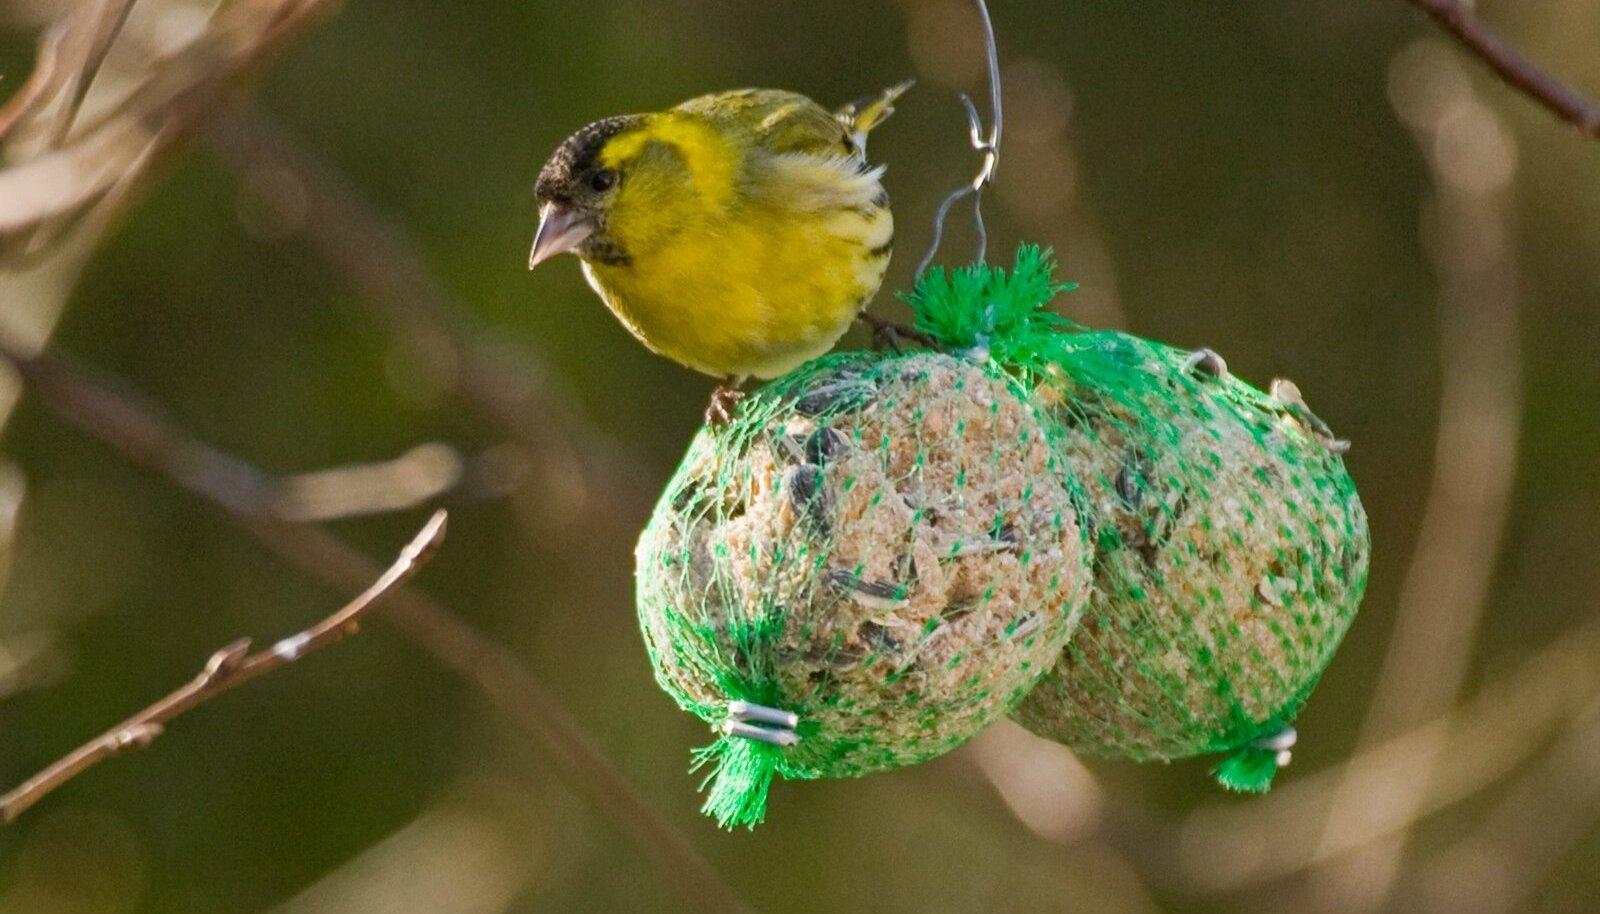 linnud aias, pesakast, Peep Veedla, tihane, rasvapallid, tutttihane